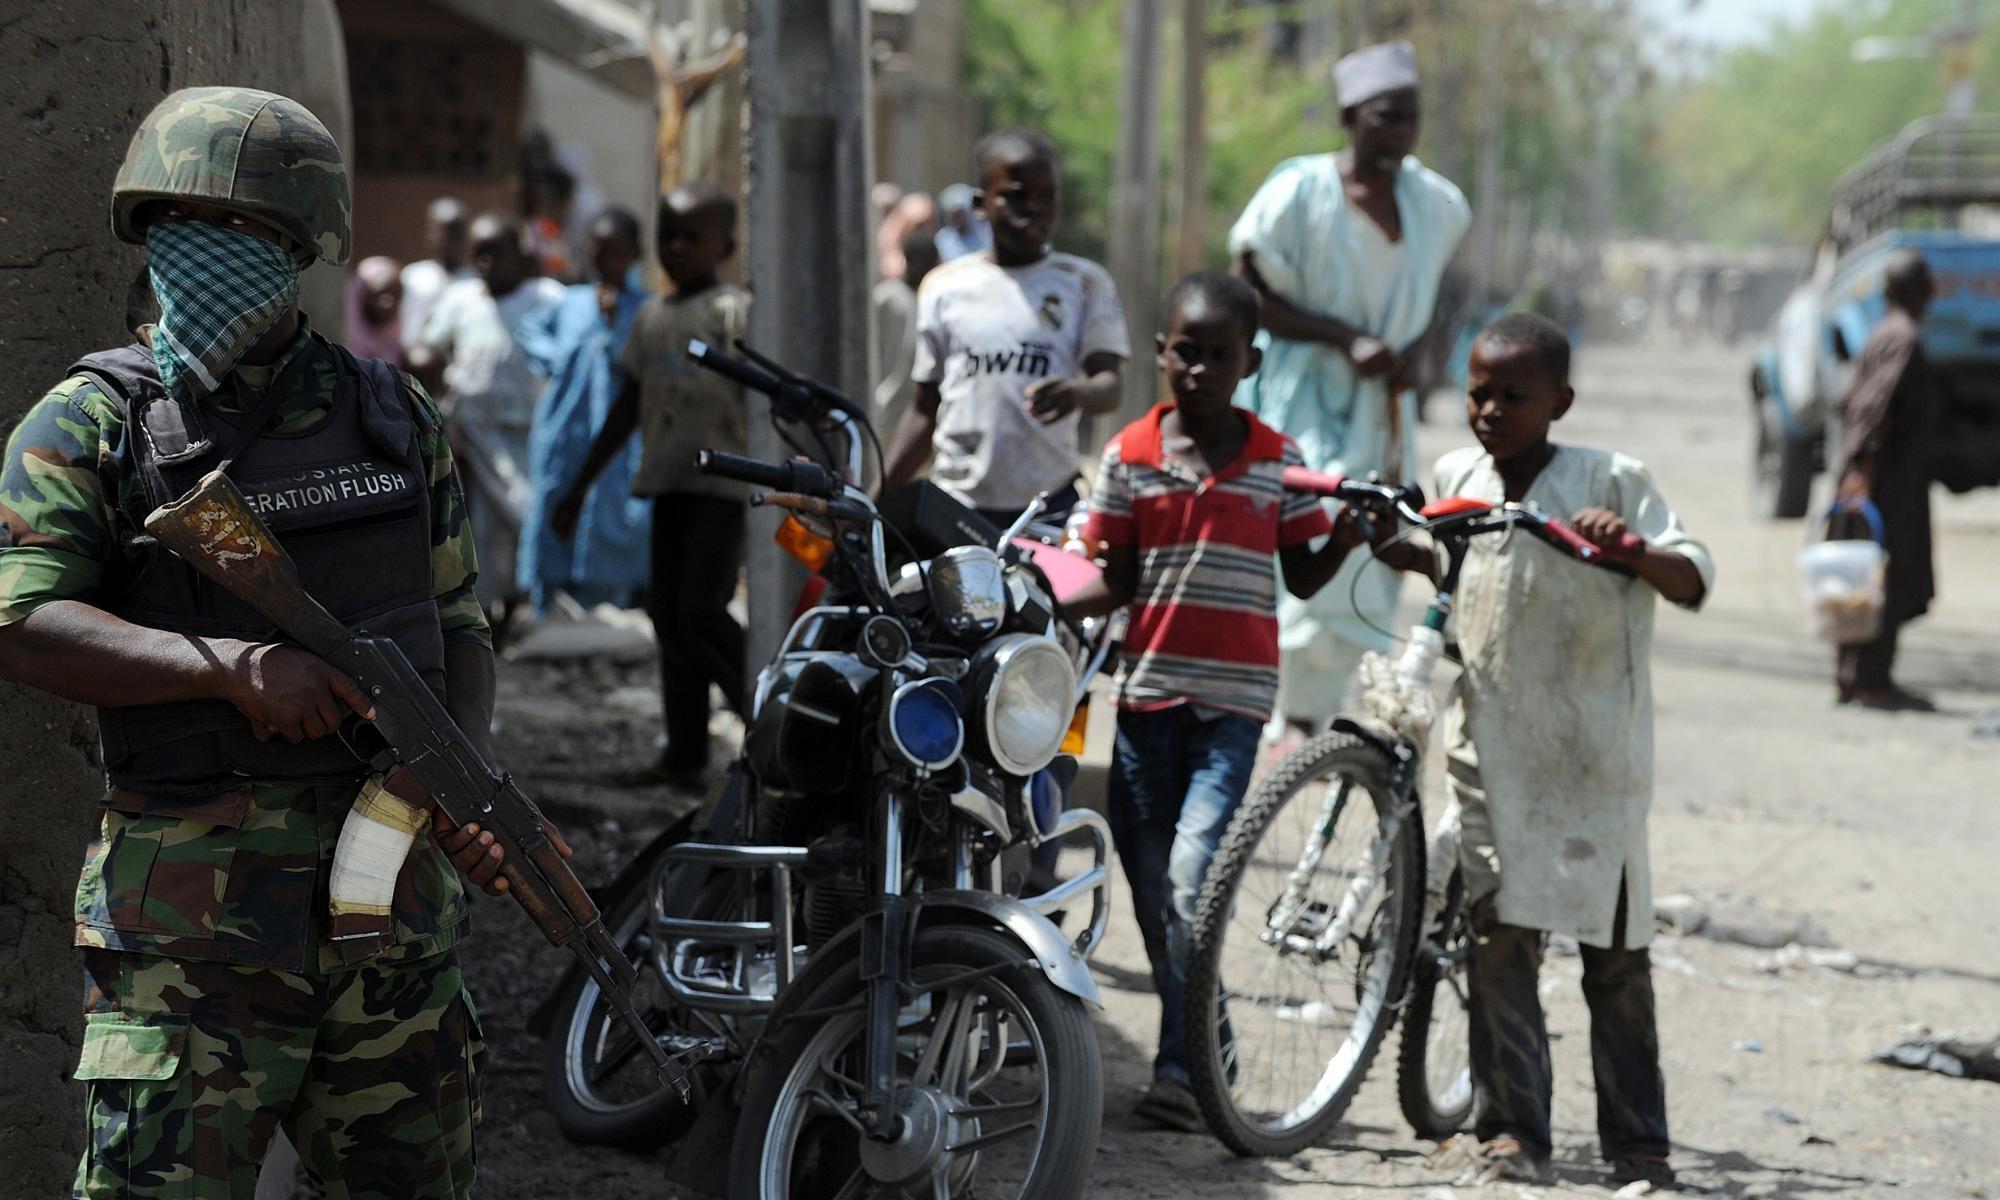 Boko Haram's 'deadliest massacre': 2,000 feared dead in Nigeria